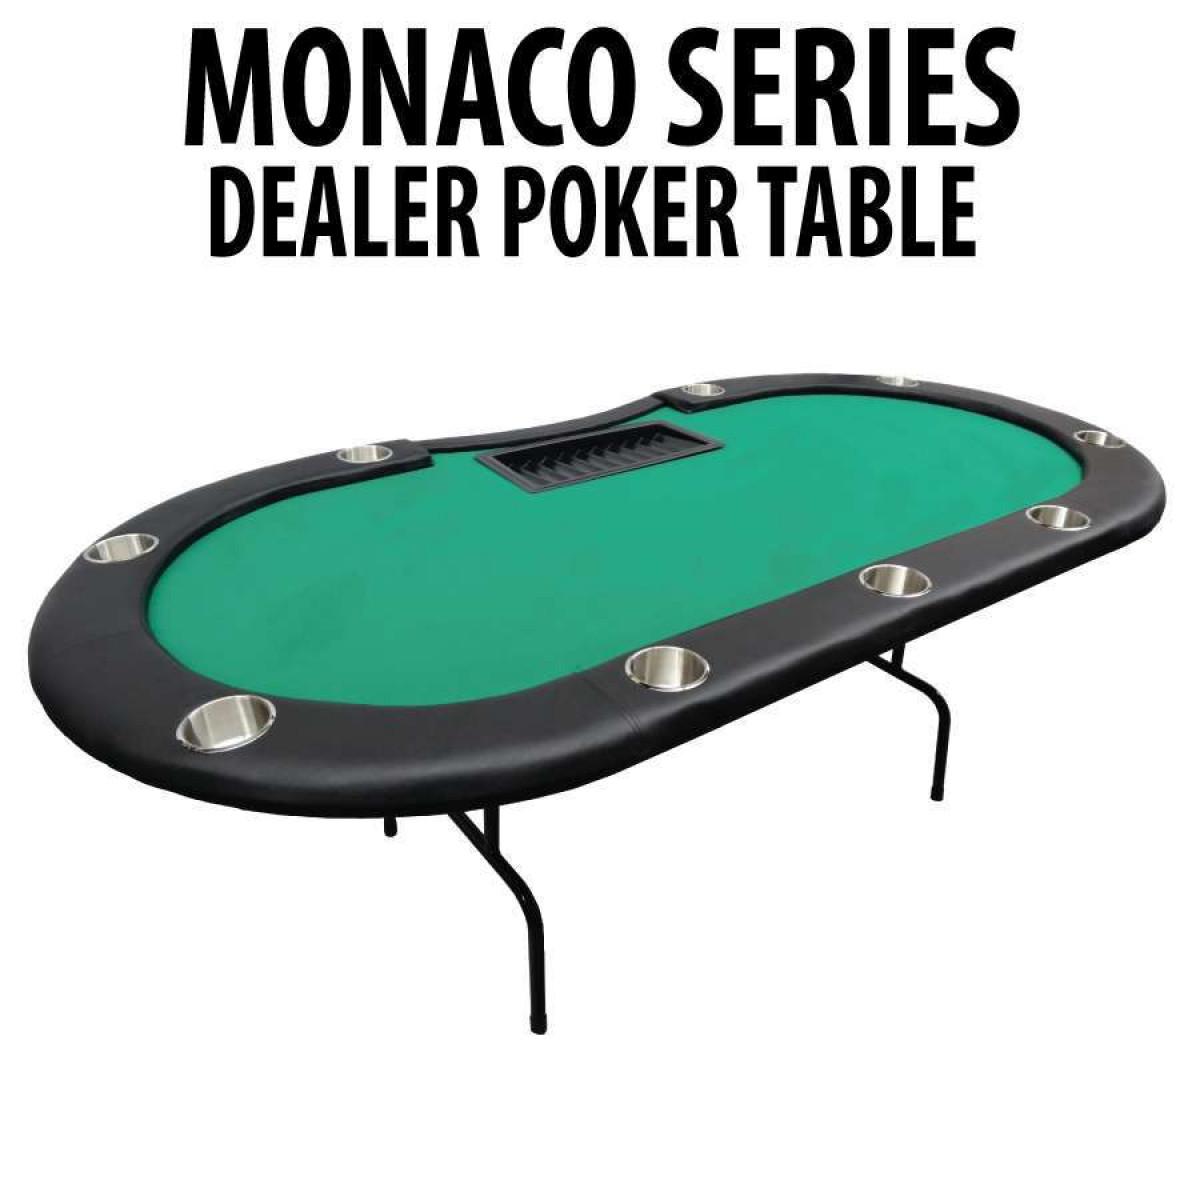 Green Folding Dealer Poker Table